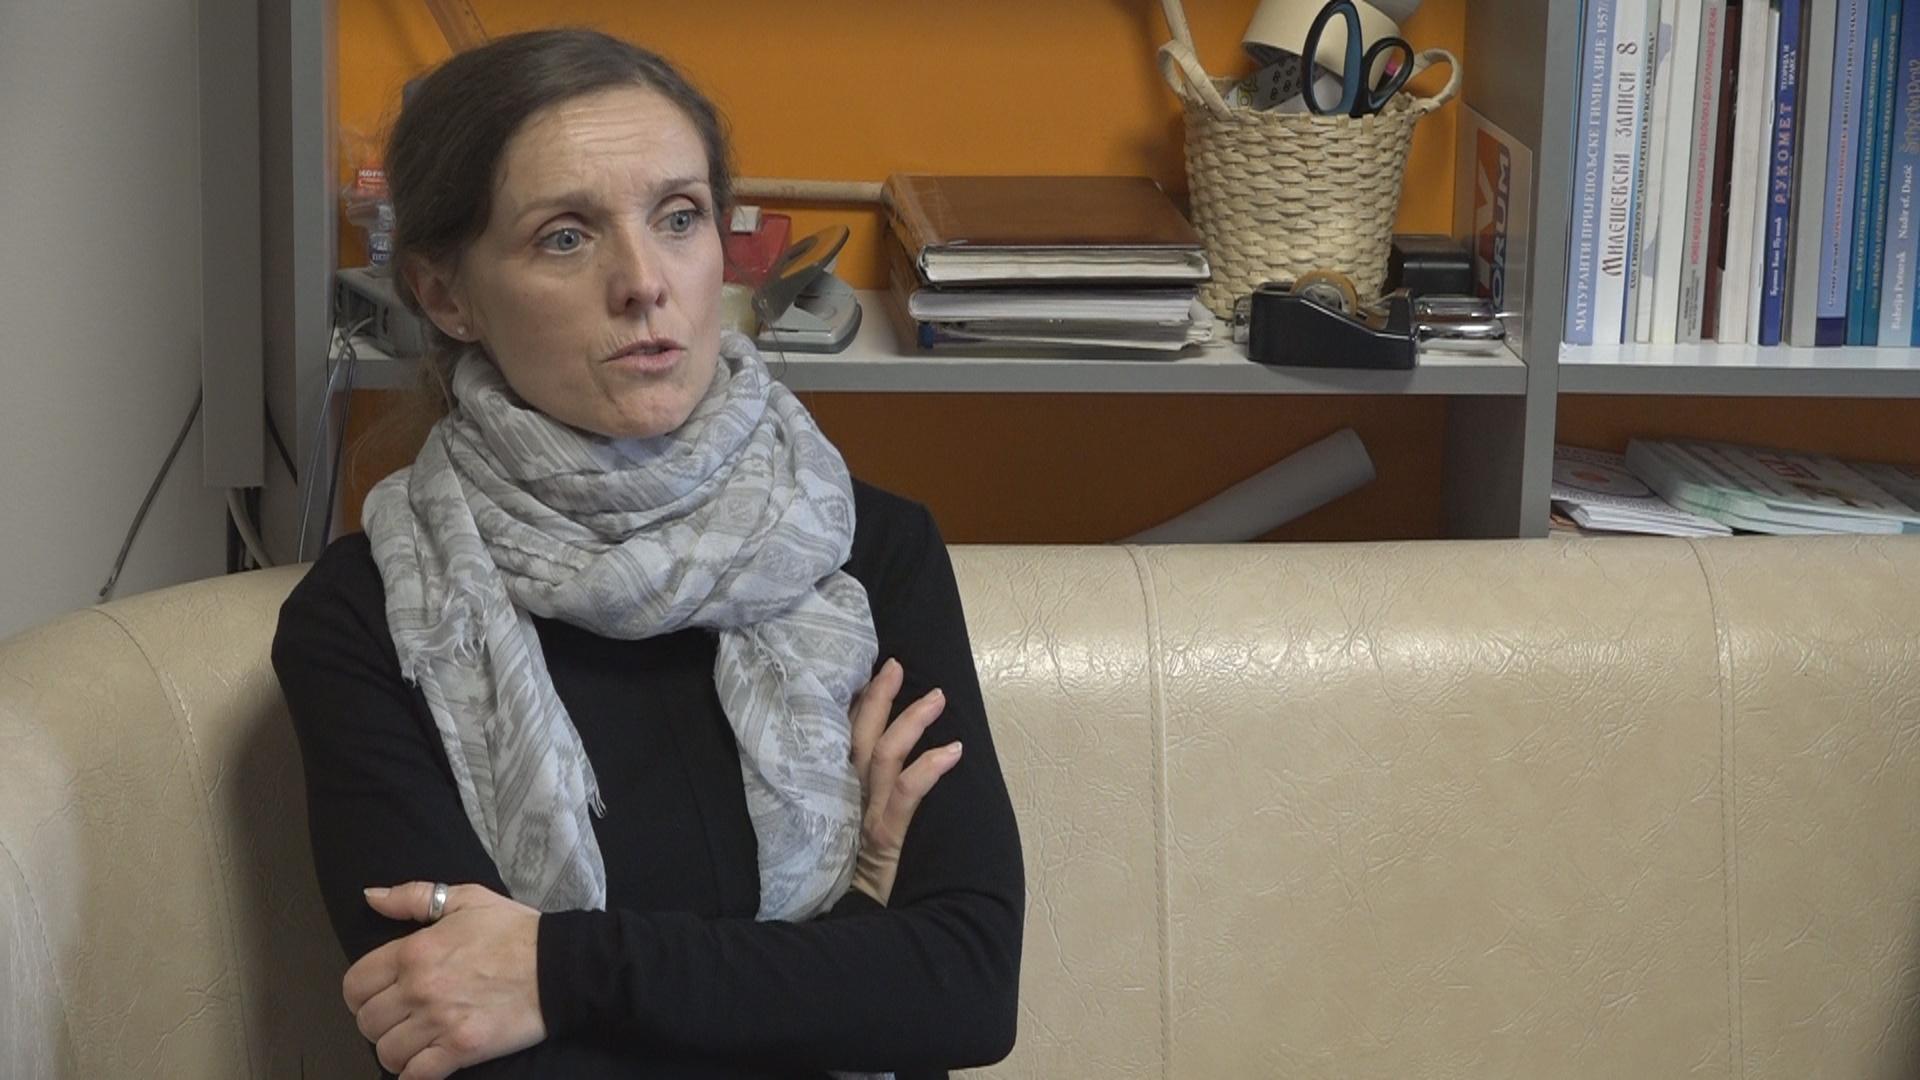 Вера Јовановић: Србији недостају тумачи за знаковни језик